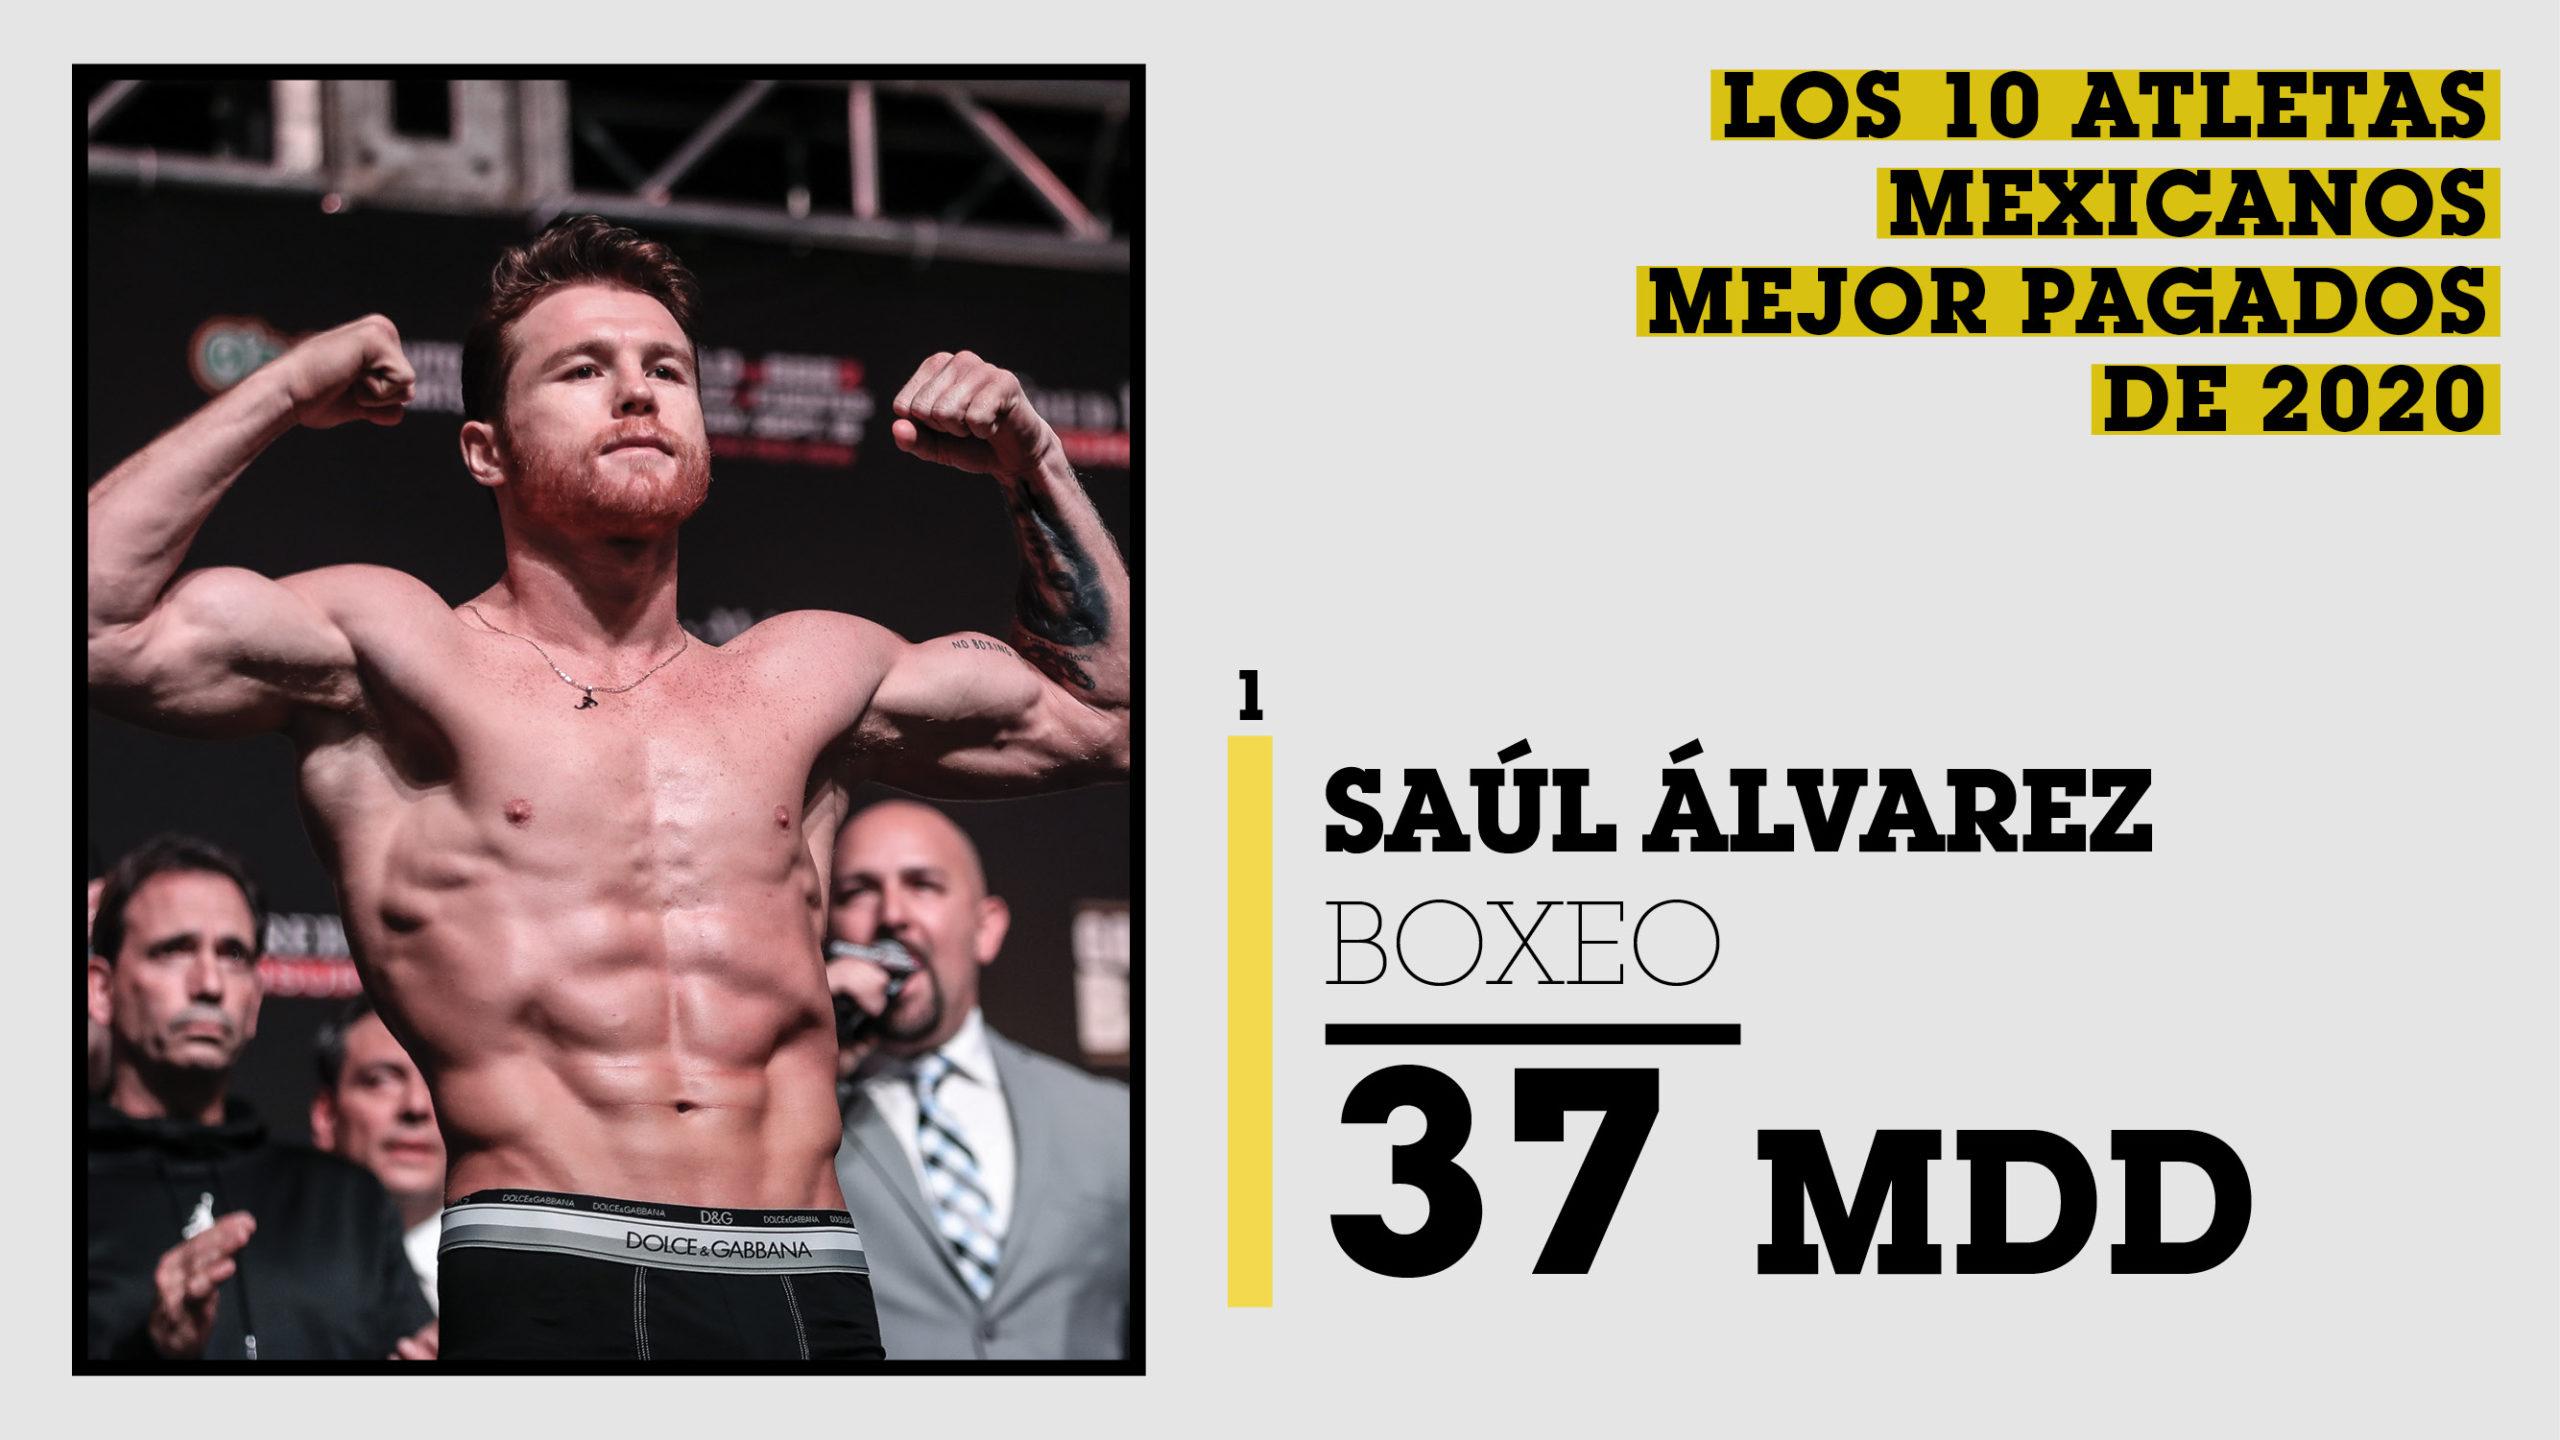 Listas Forbes | Los 10 atletas mexicanos mejor pagados de 2020